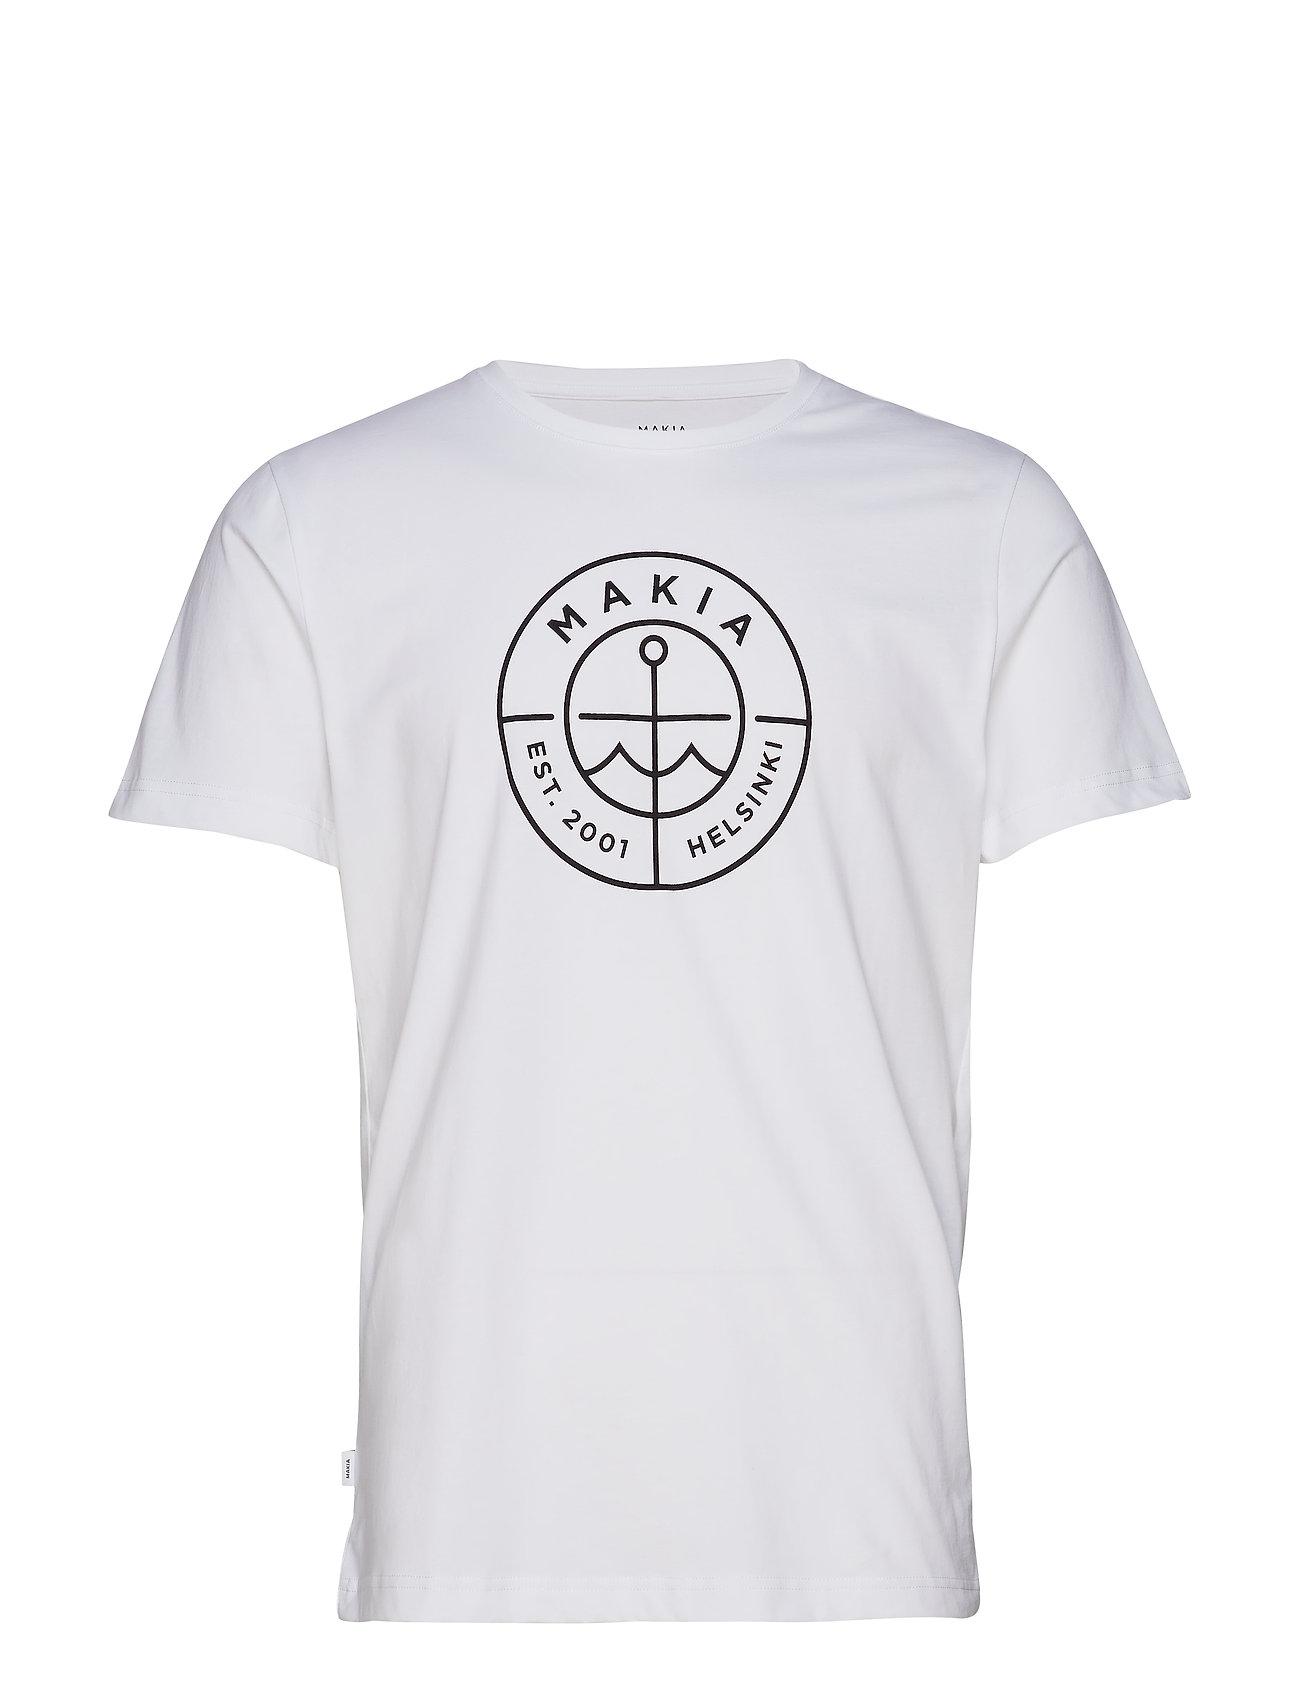 Makia Scope T-Shirt - WHITE